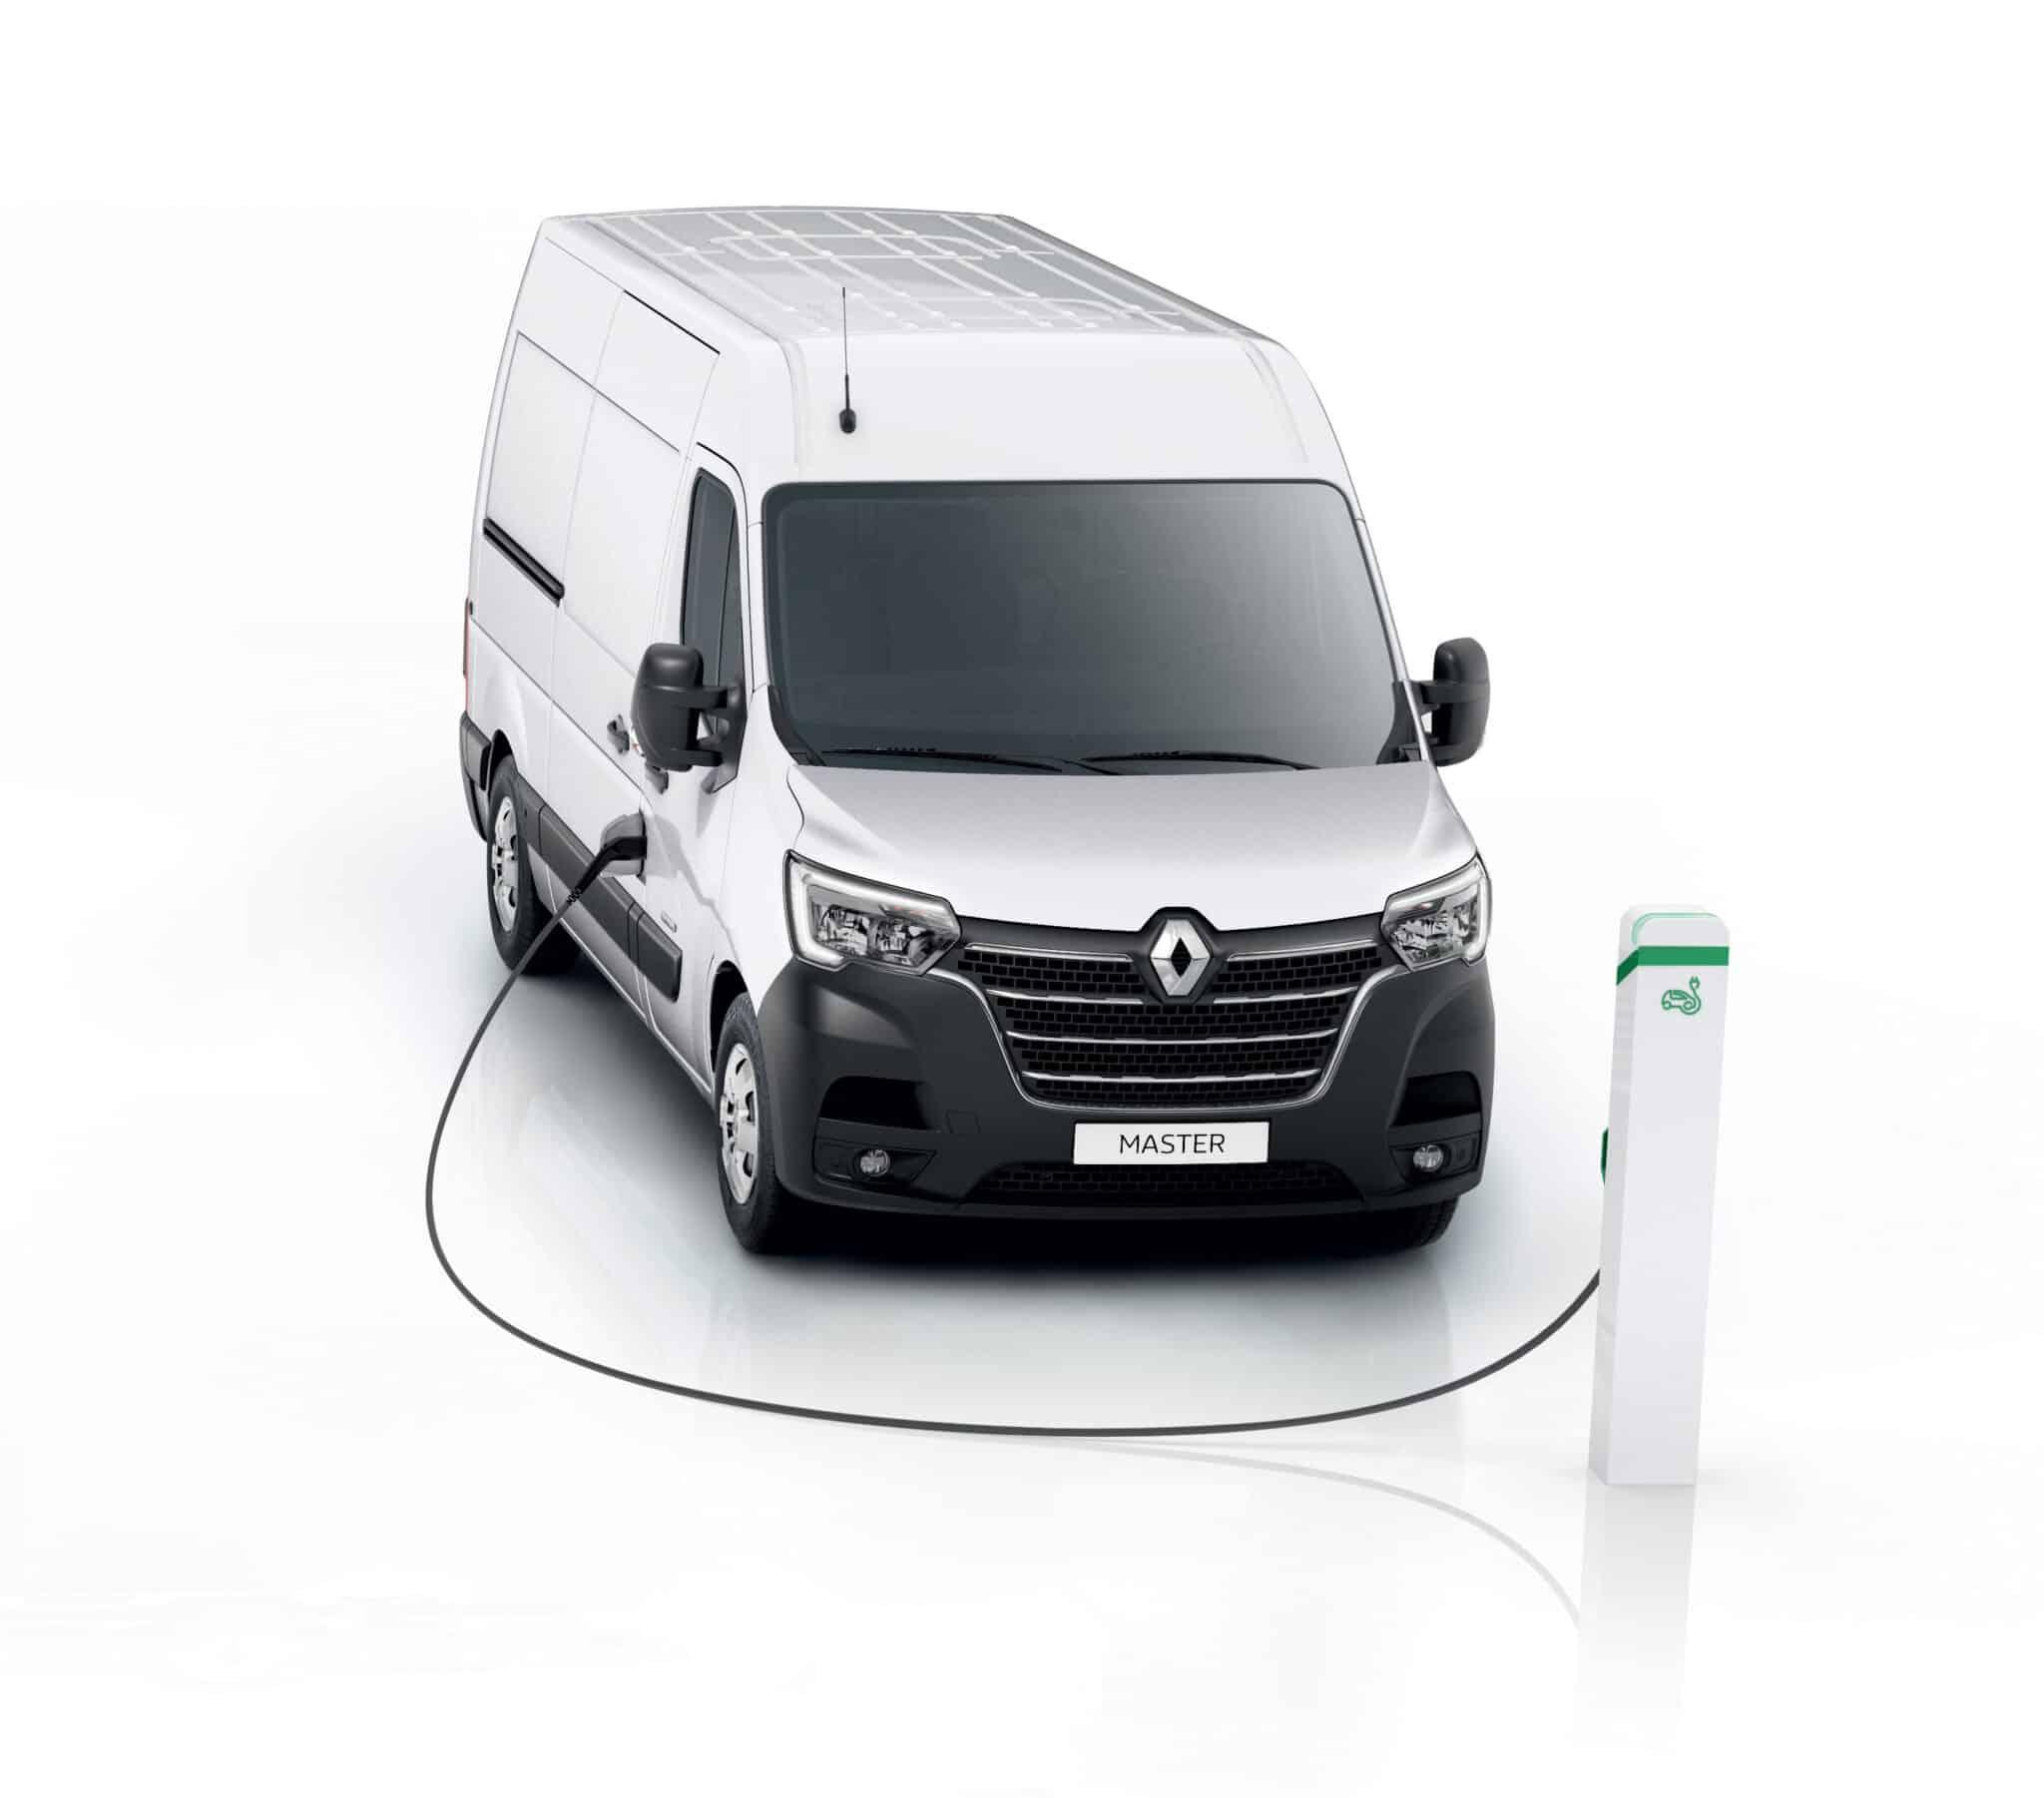 Renault aktualisiert seine Transportpalette » 20668 125447 R DAM 1023536